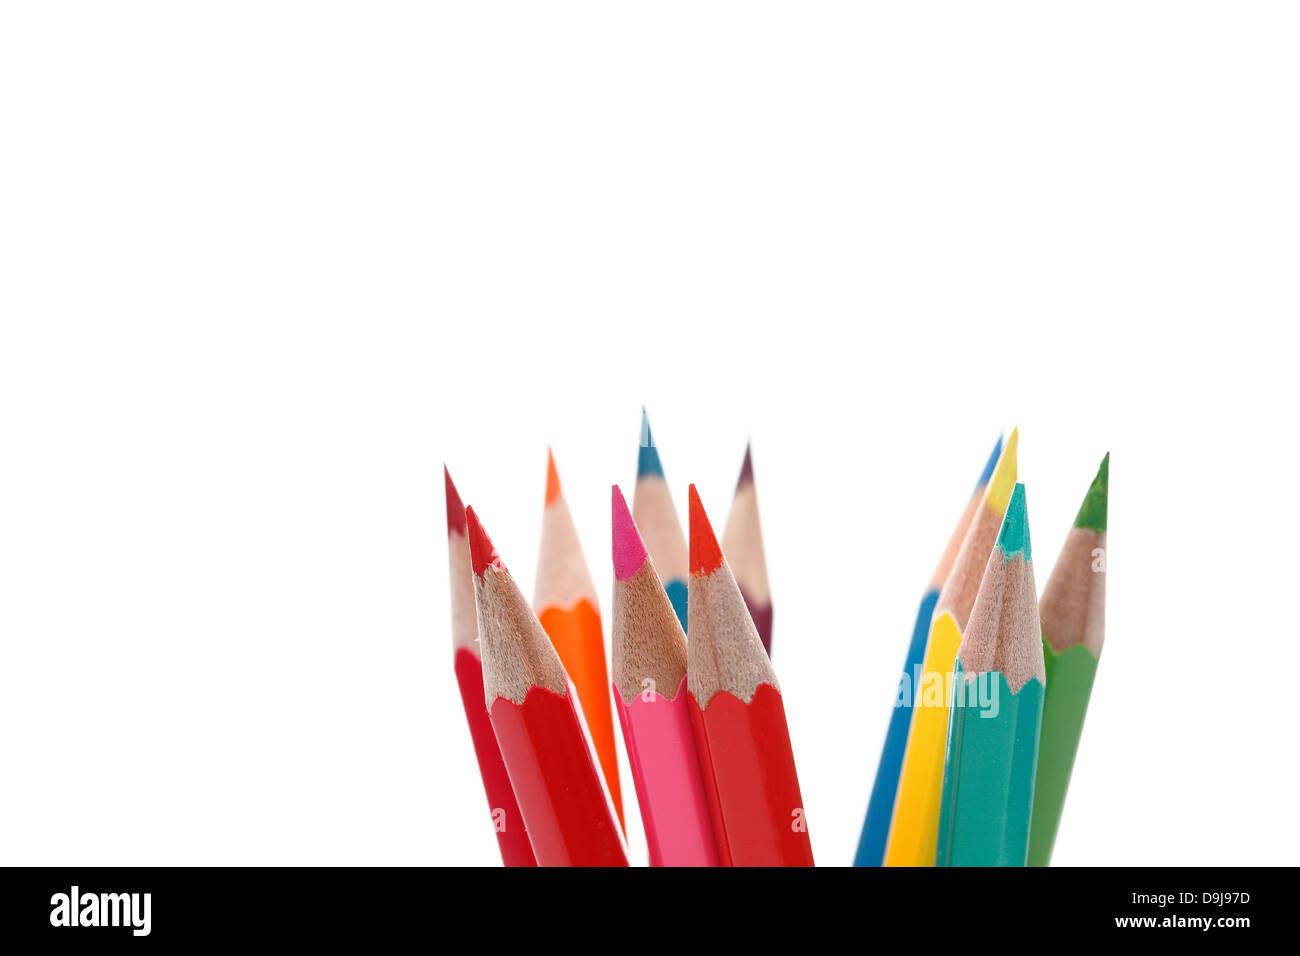 Un crayon de couleur. Photo Stock